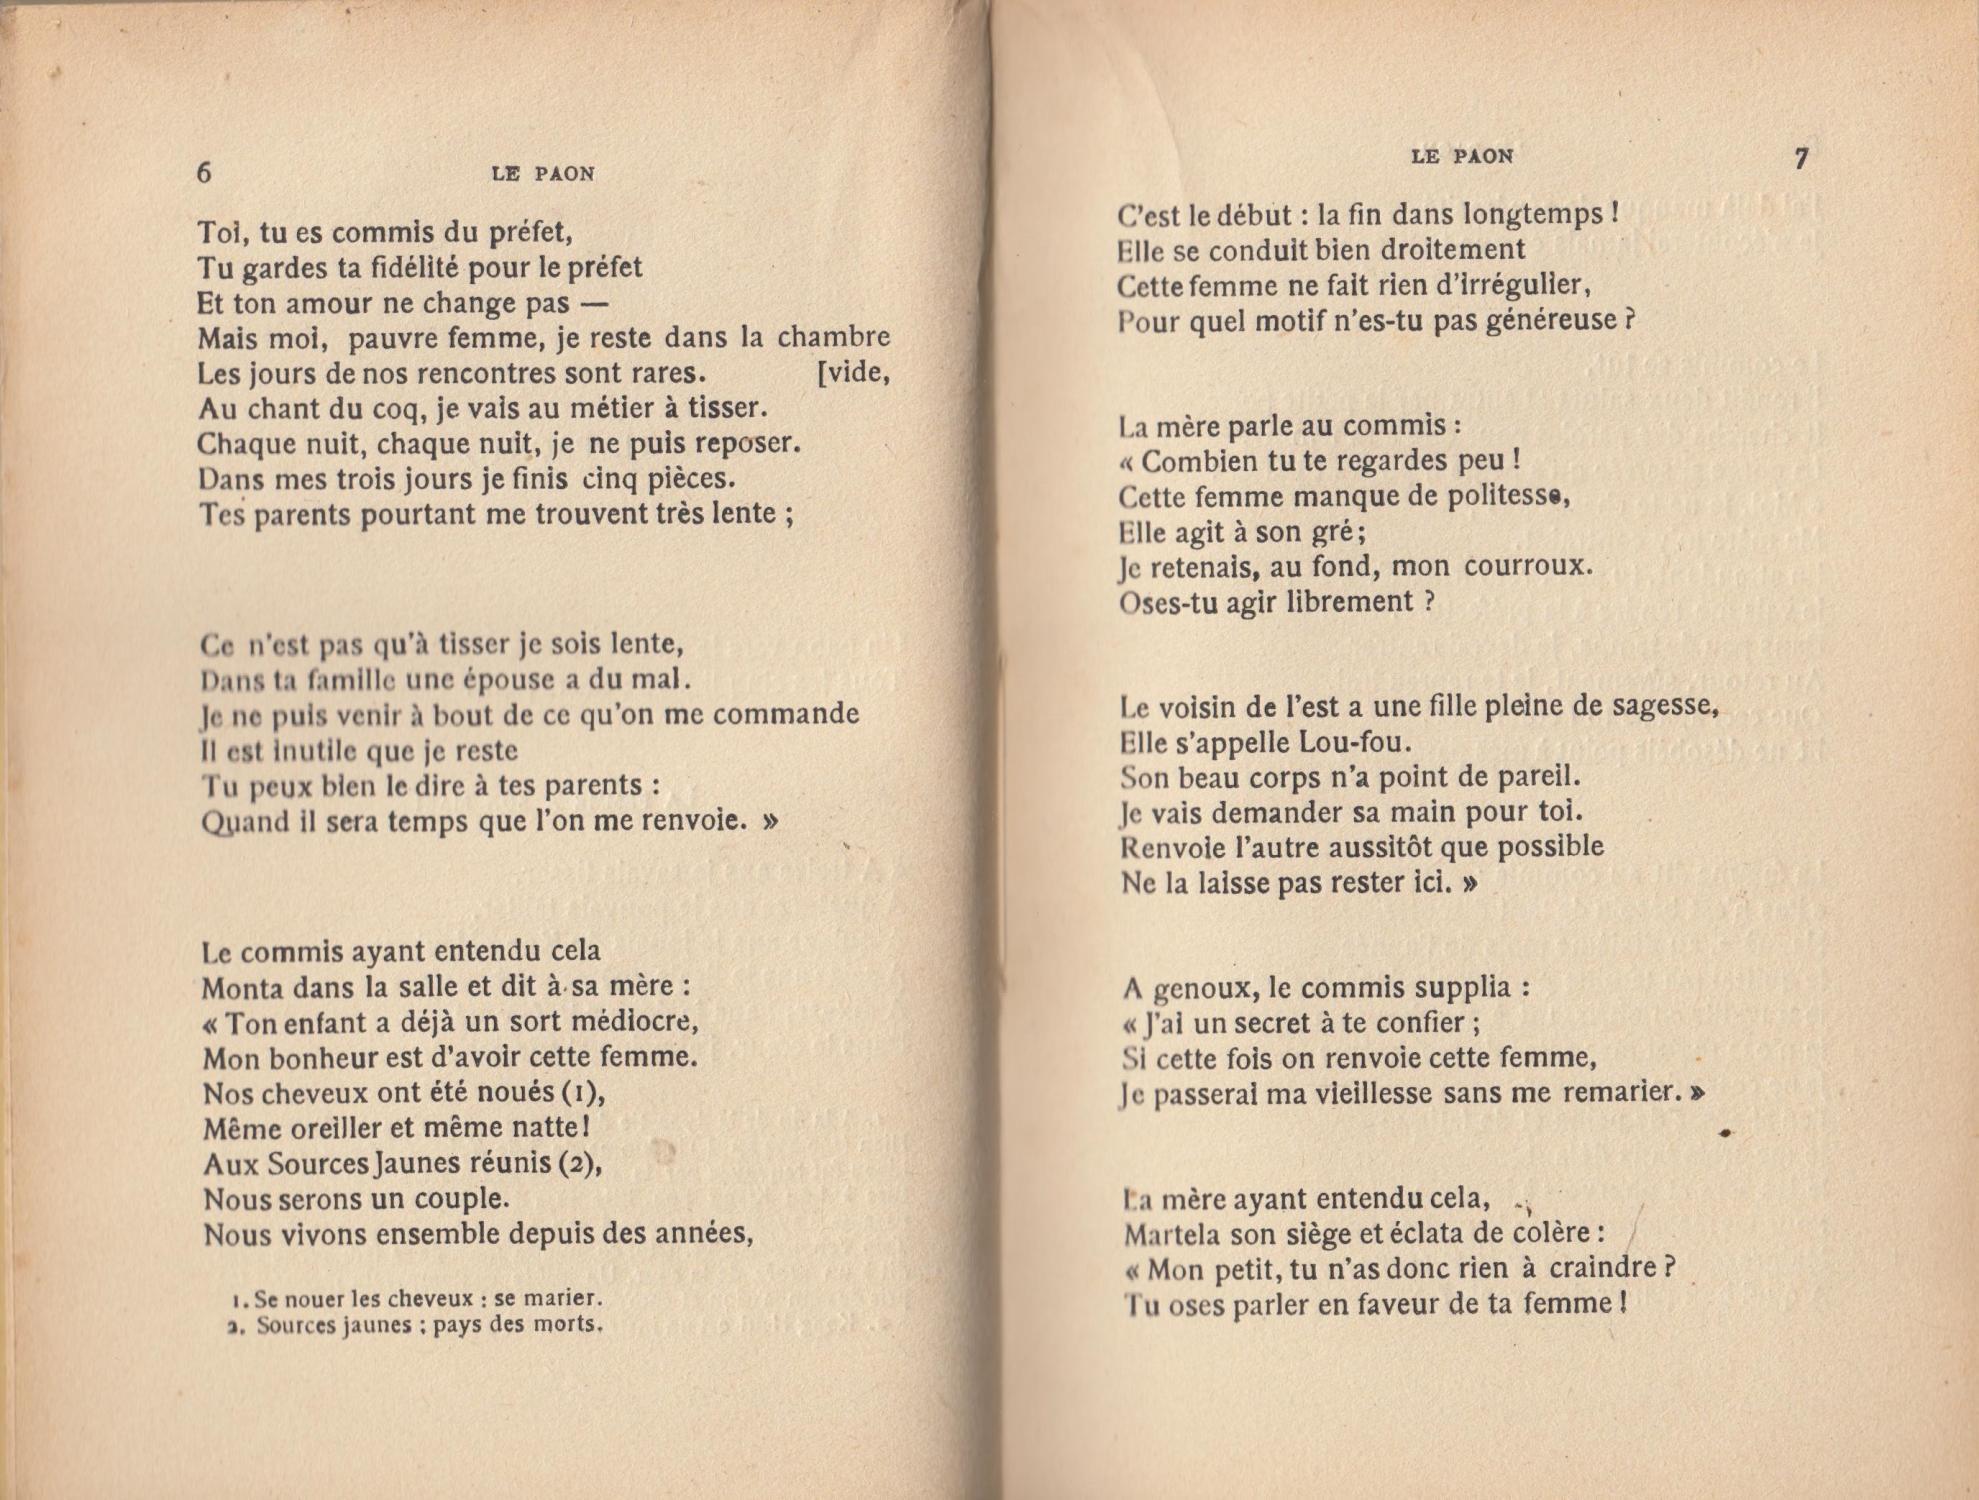 Le Paon Ancien Poème Chinois Traduit Par